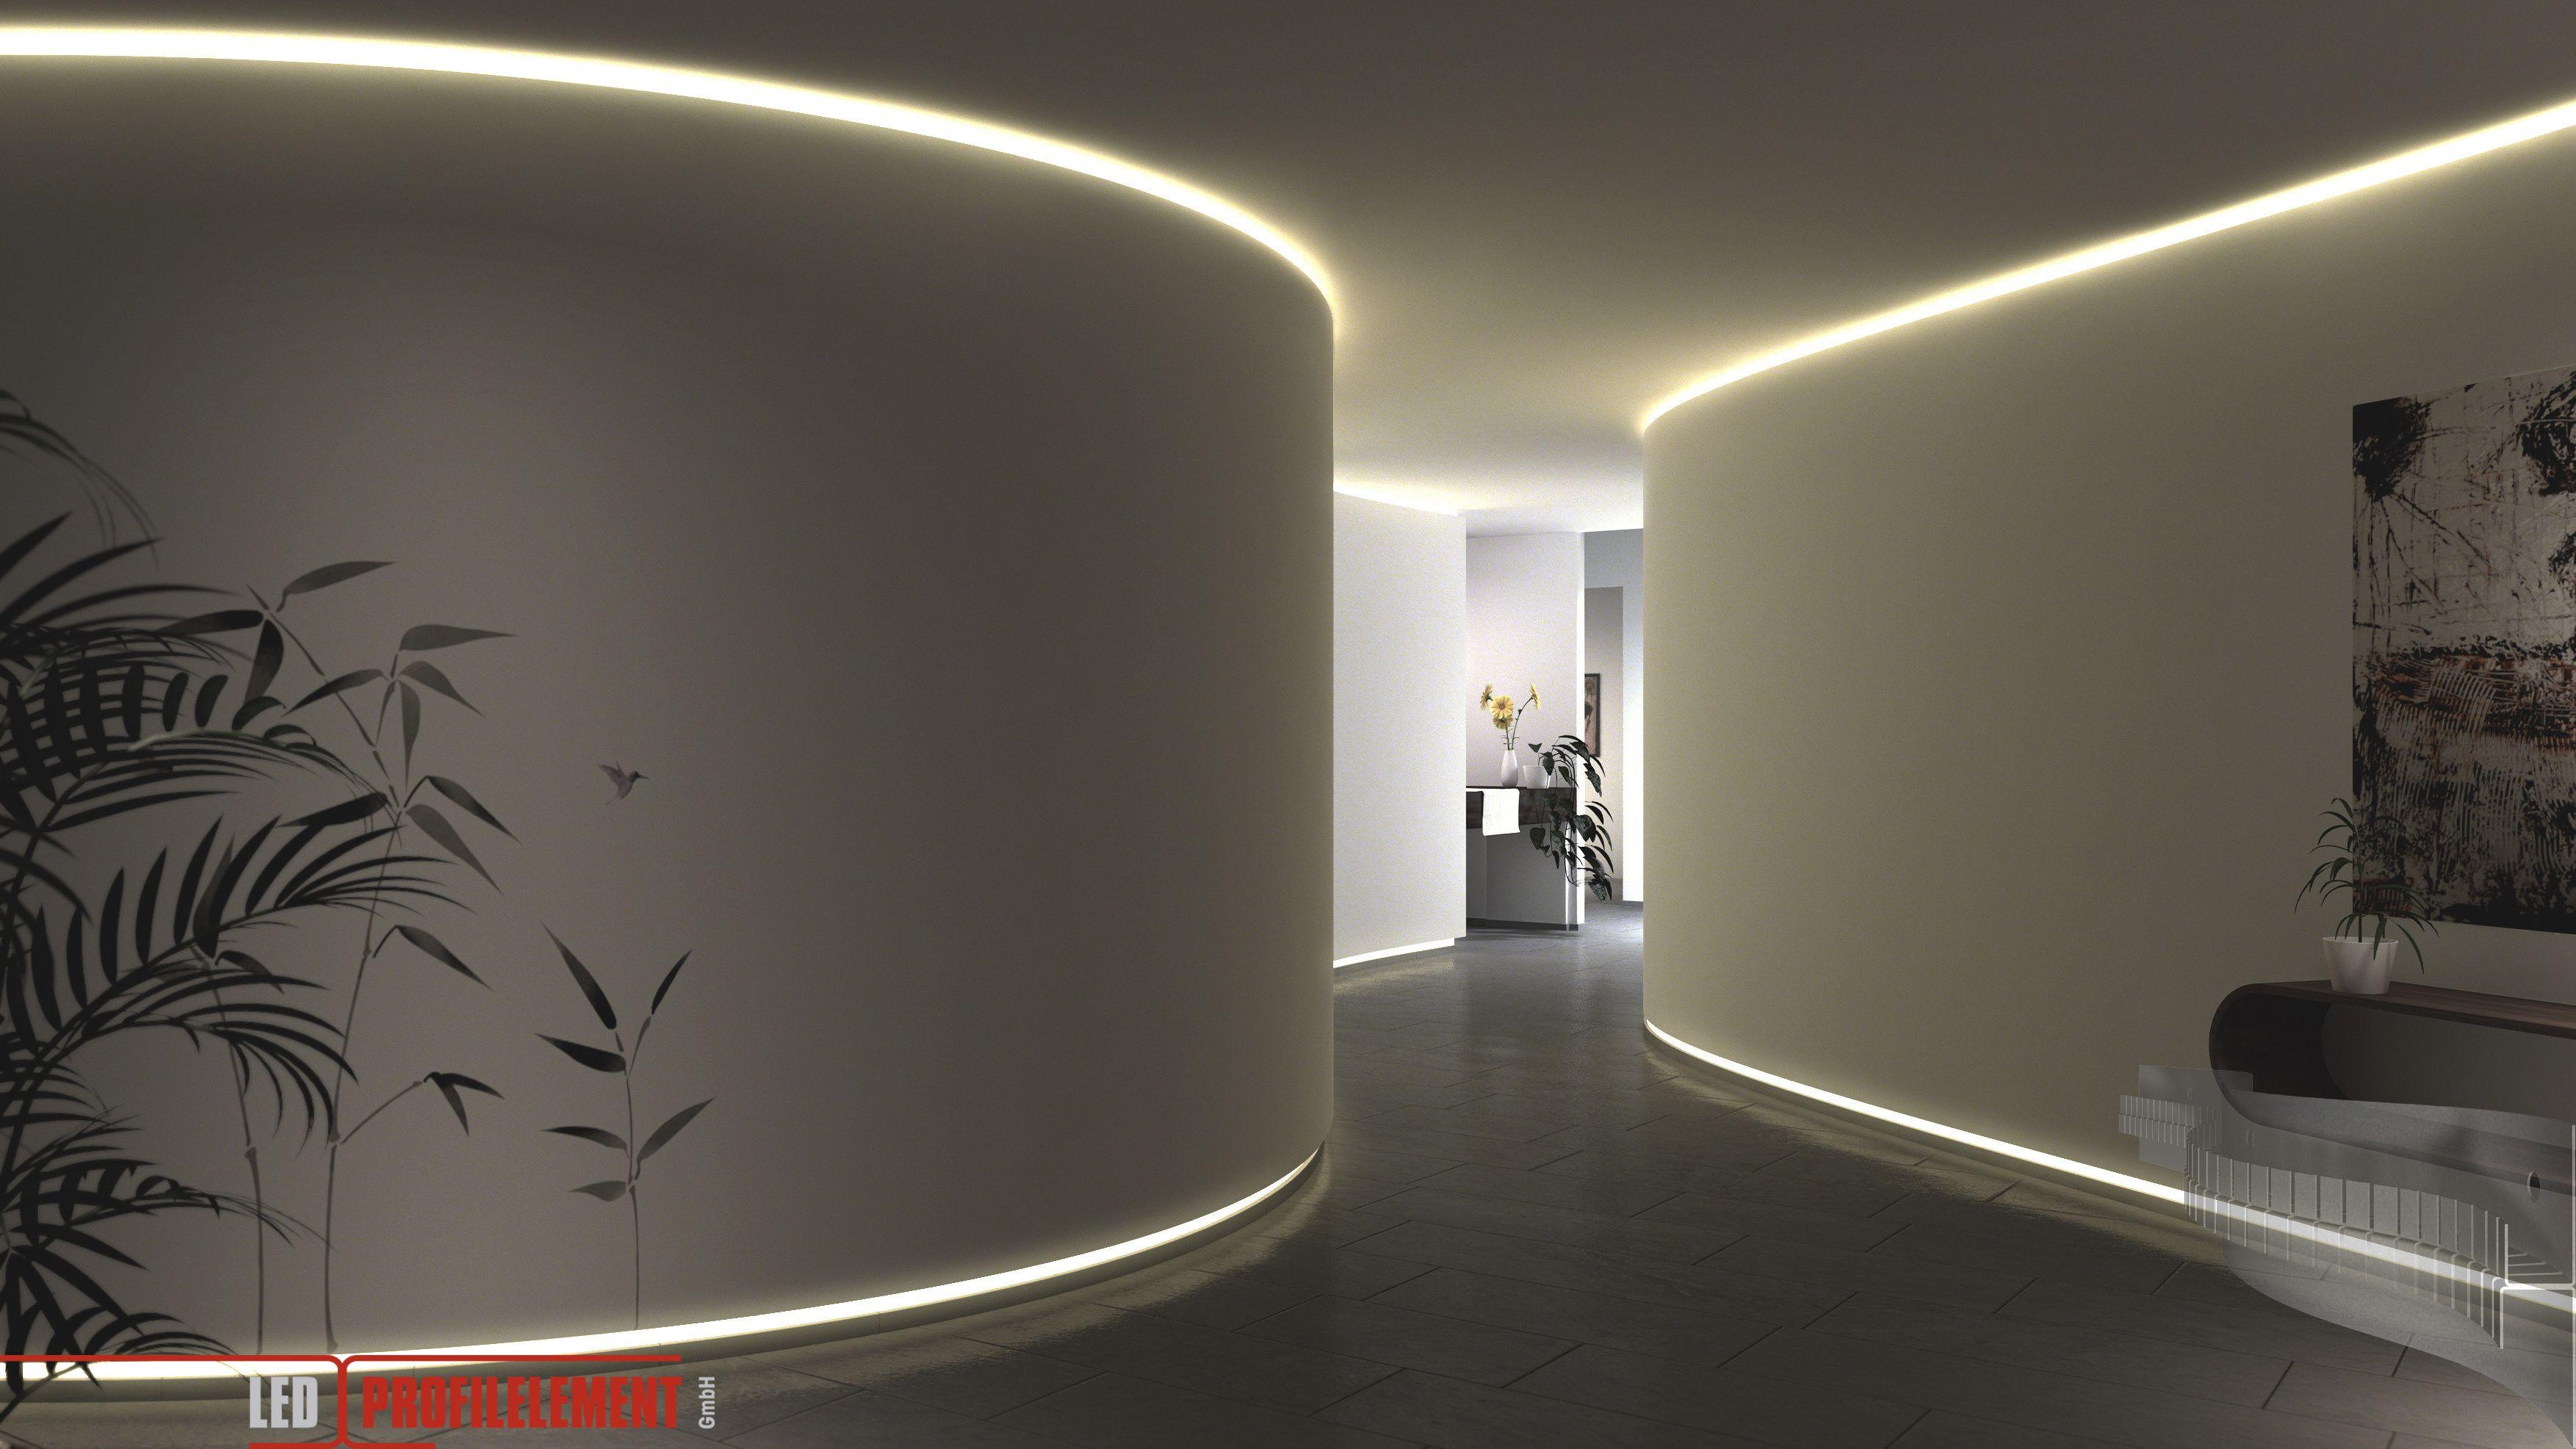 indirekte beleuchtung tolle variante f r gro e r ume und eingangshallen. Black Bedroom Furniture Sets. Home Design Ideas